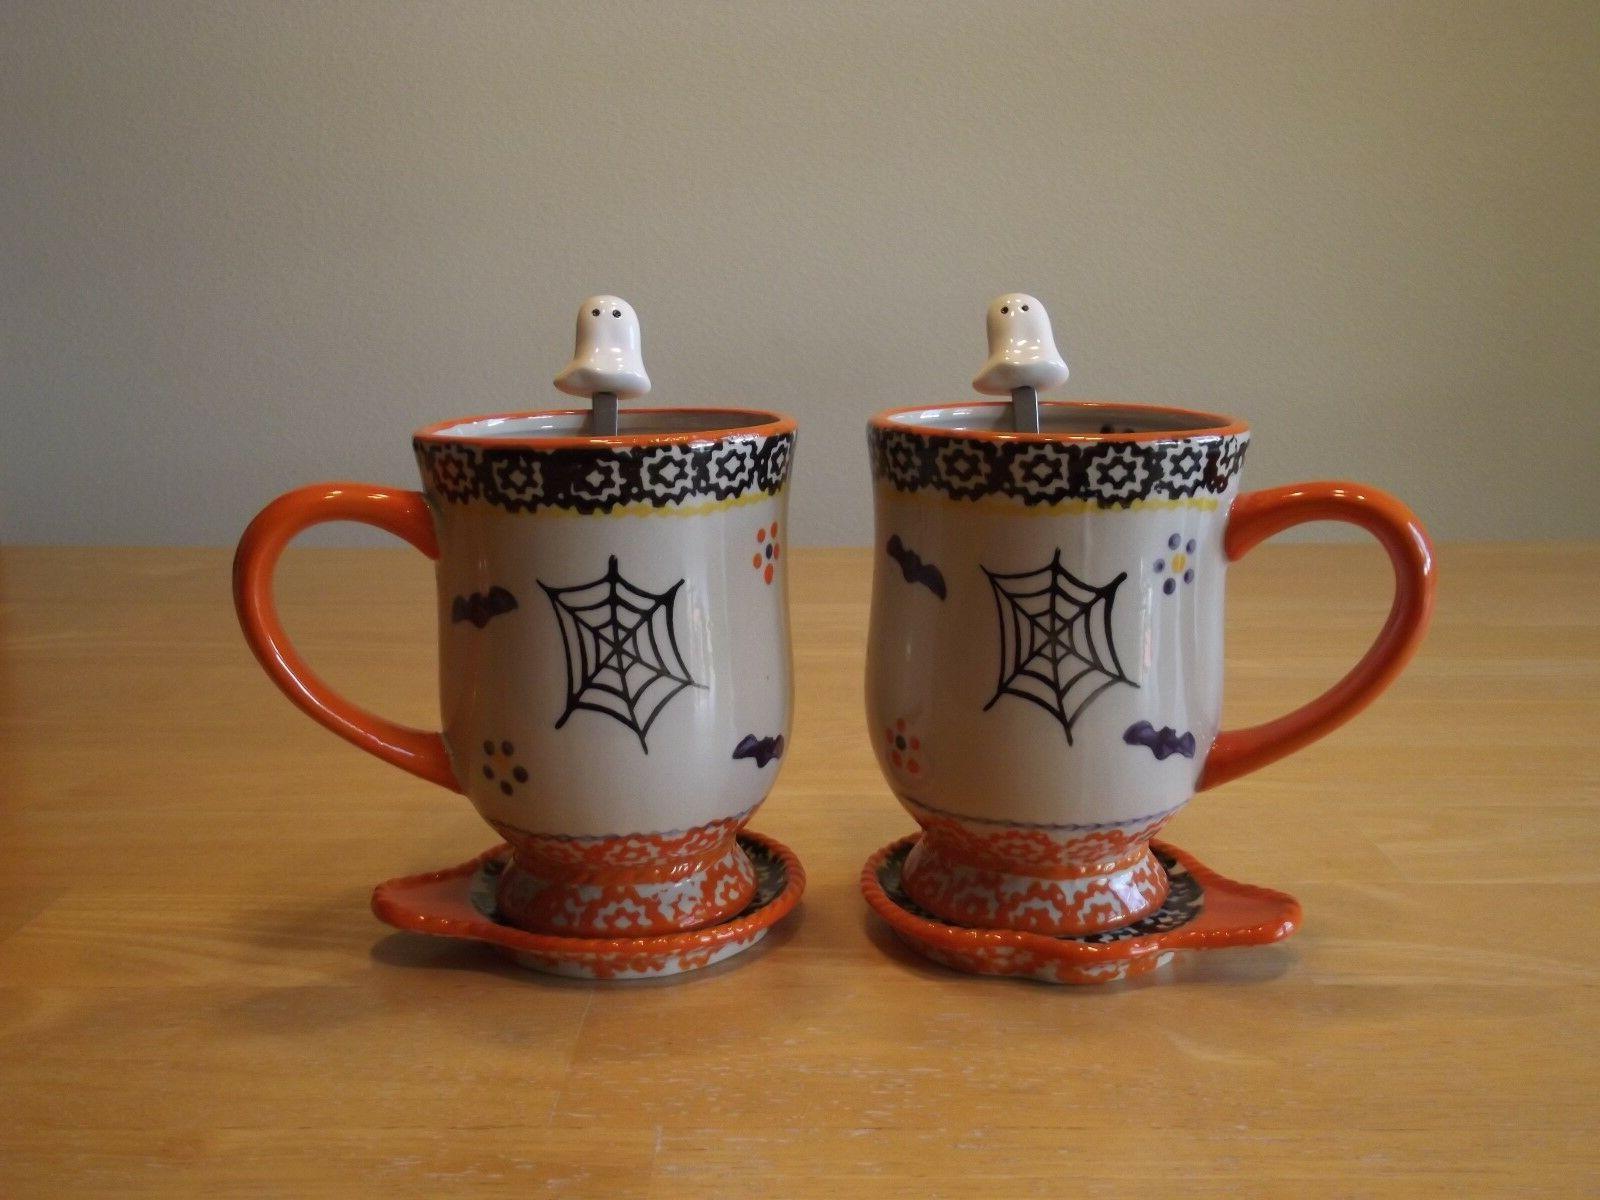 Temp-tations Old World BOOFETTI!!! Set of 2 Mugs with Lid-It